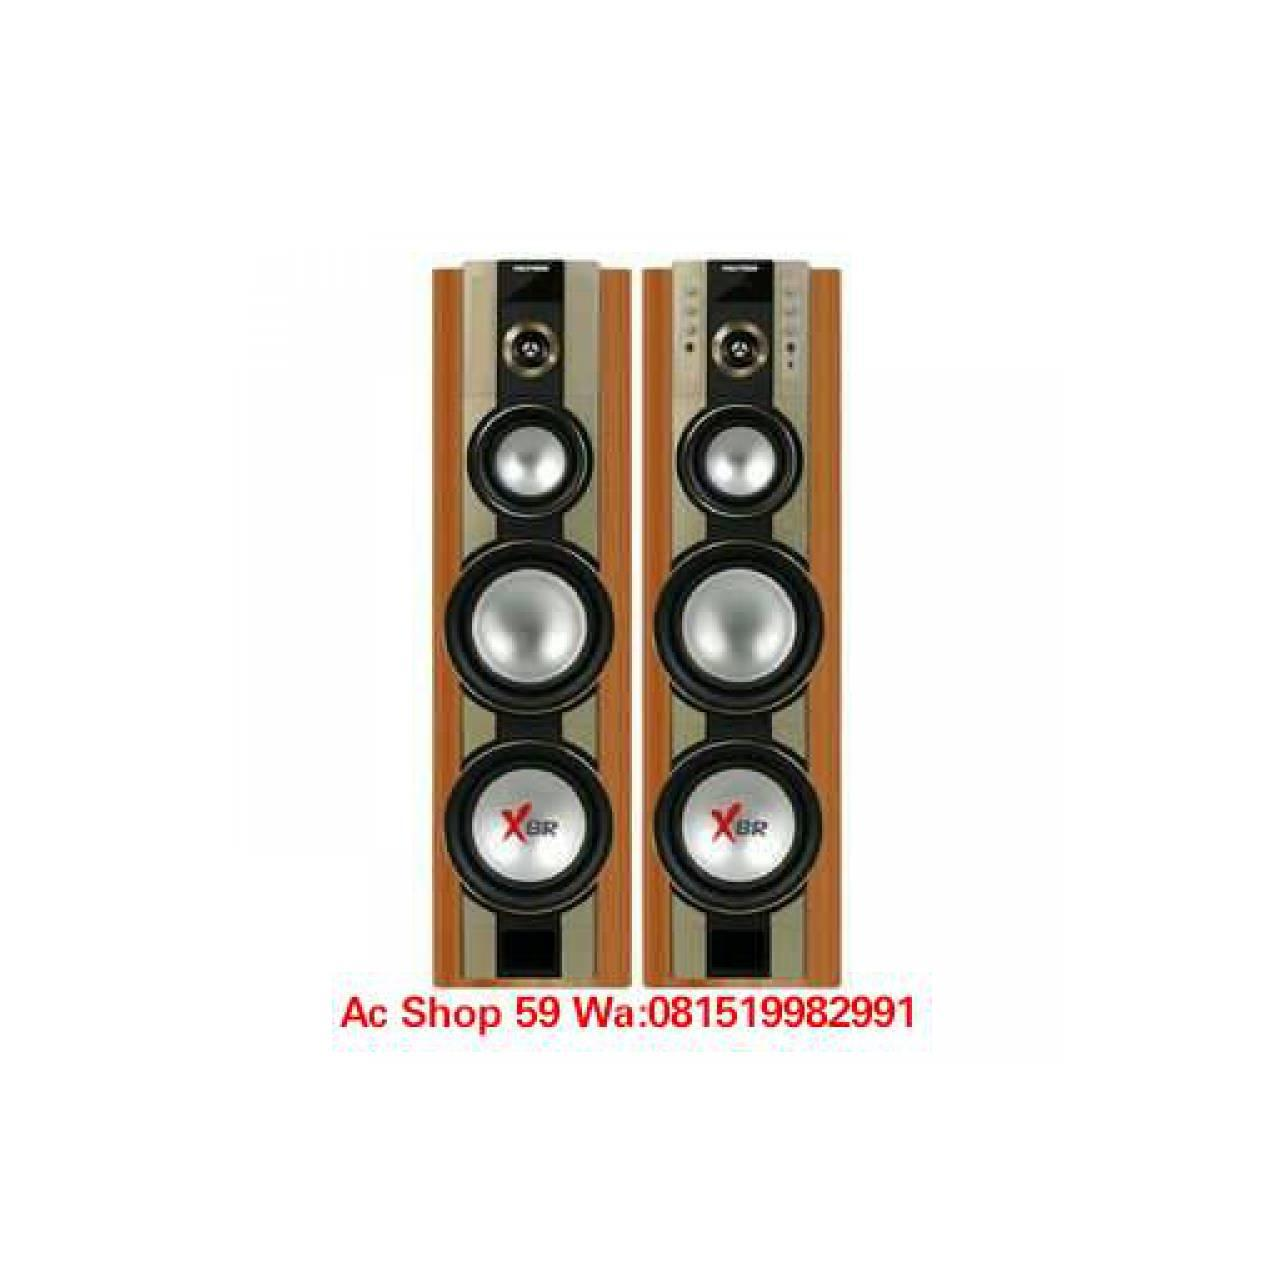 SPEAKER ACTIVE POLITRON PAS 78 ,WOOFER XBR ,RADIO FM DIGITAL